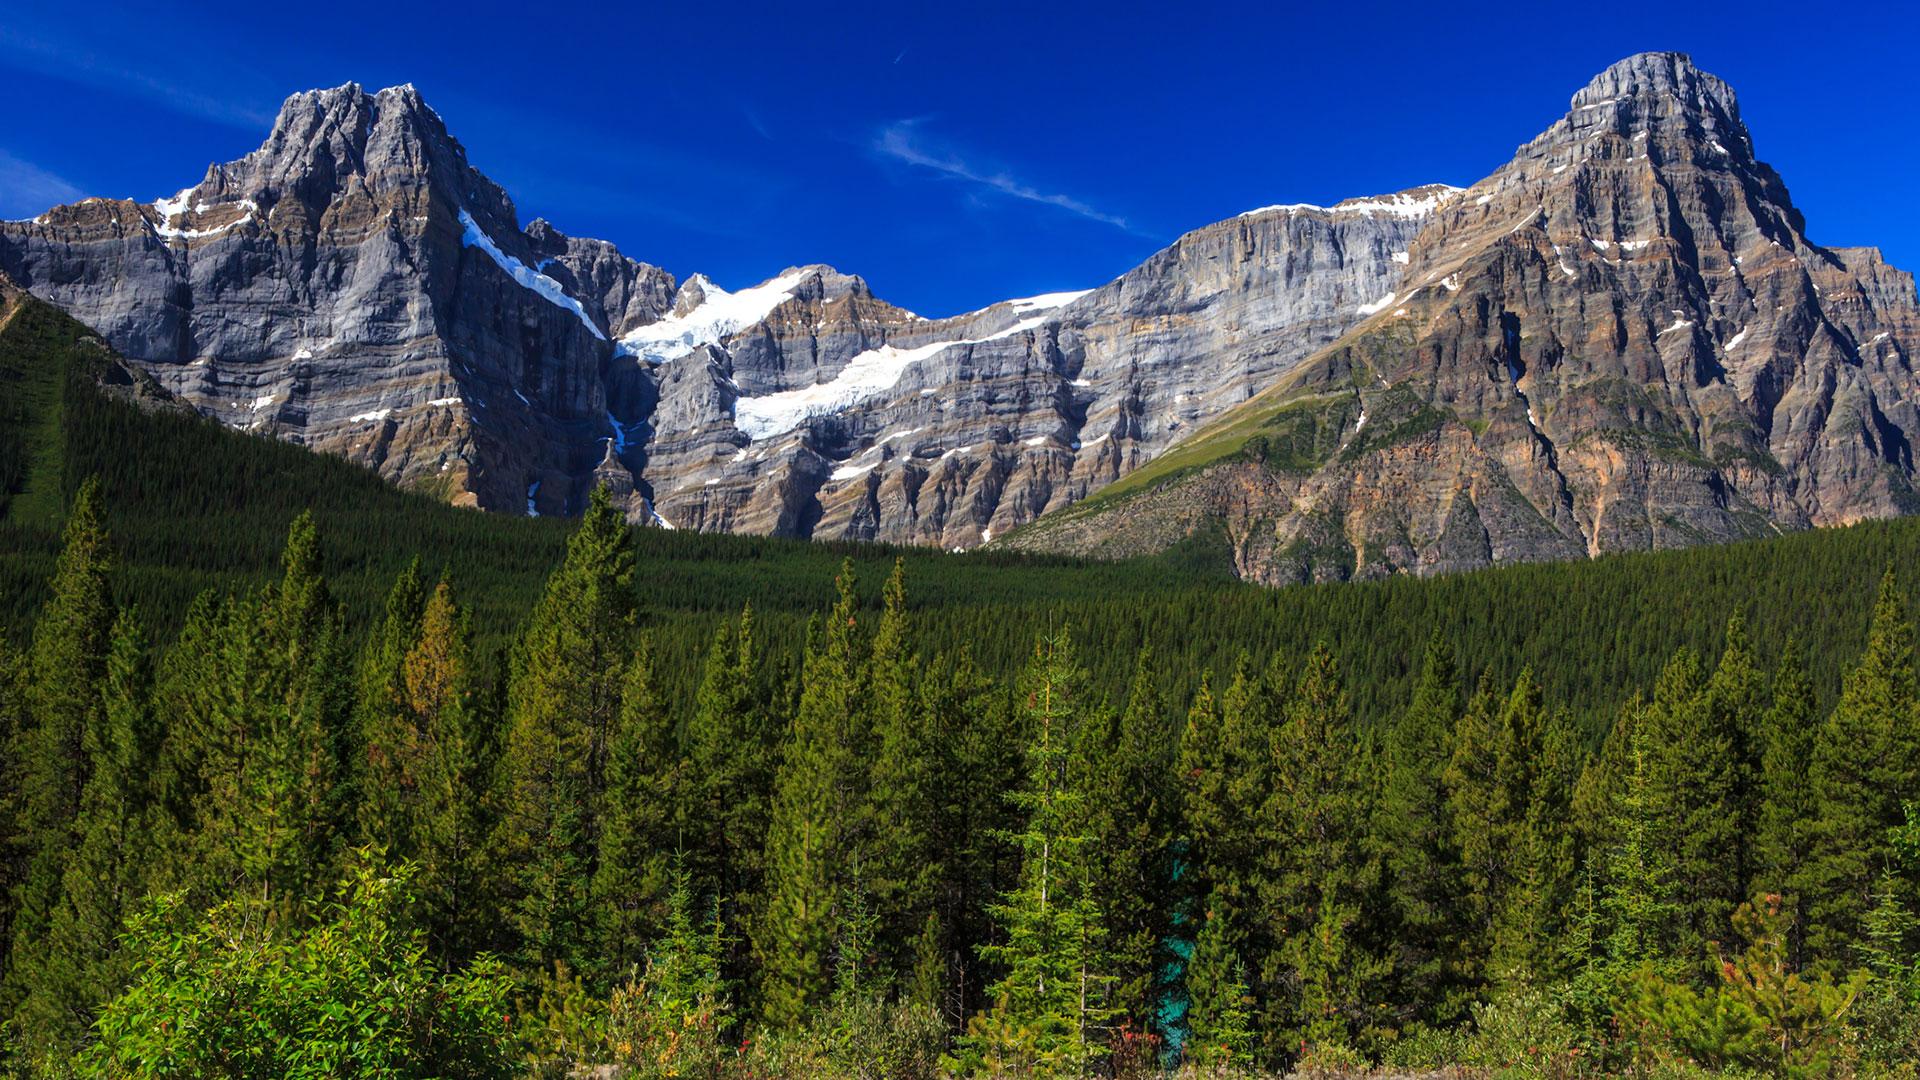 Así es House Peak, la montaña en donde murieron los tres alpinistas